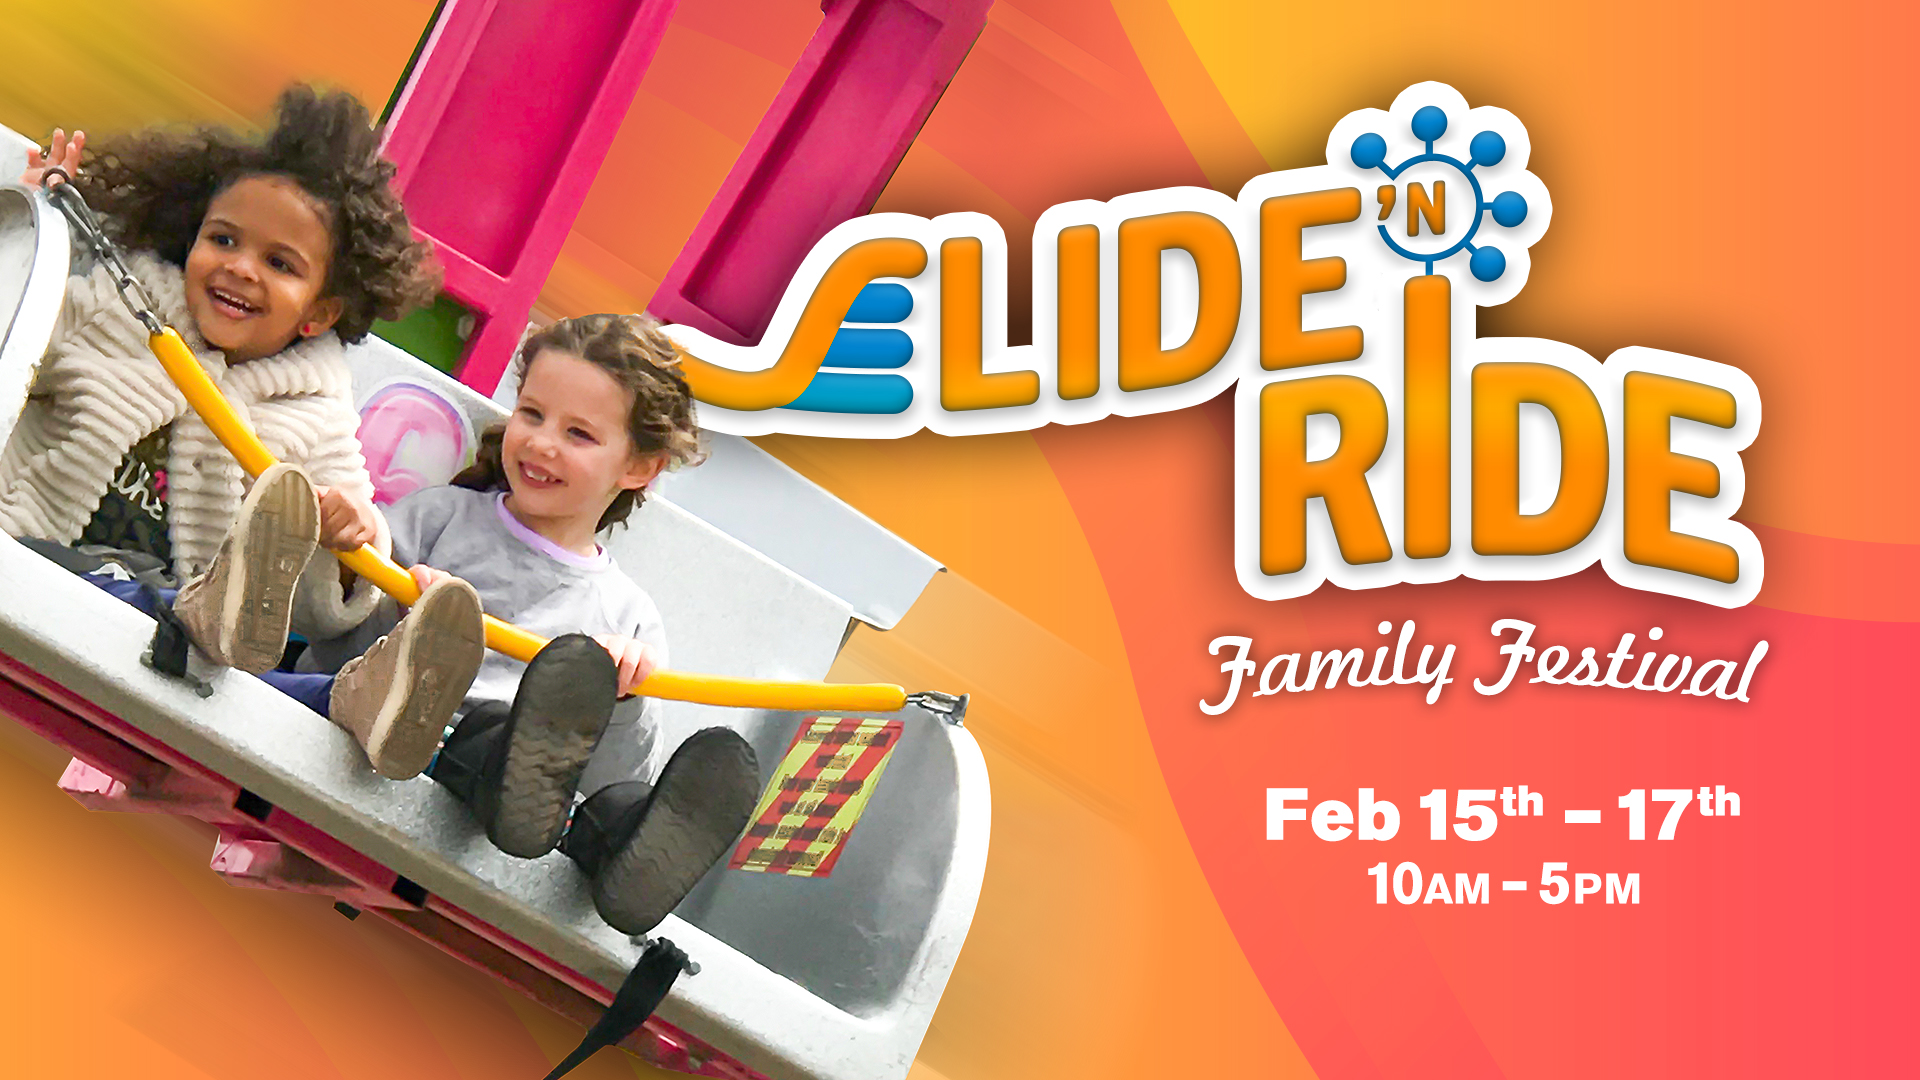 Slide n Ride Event Image